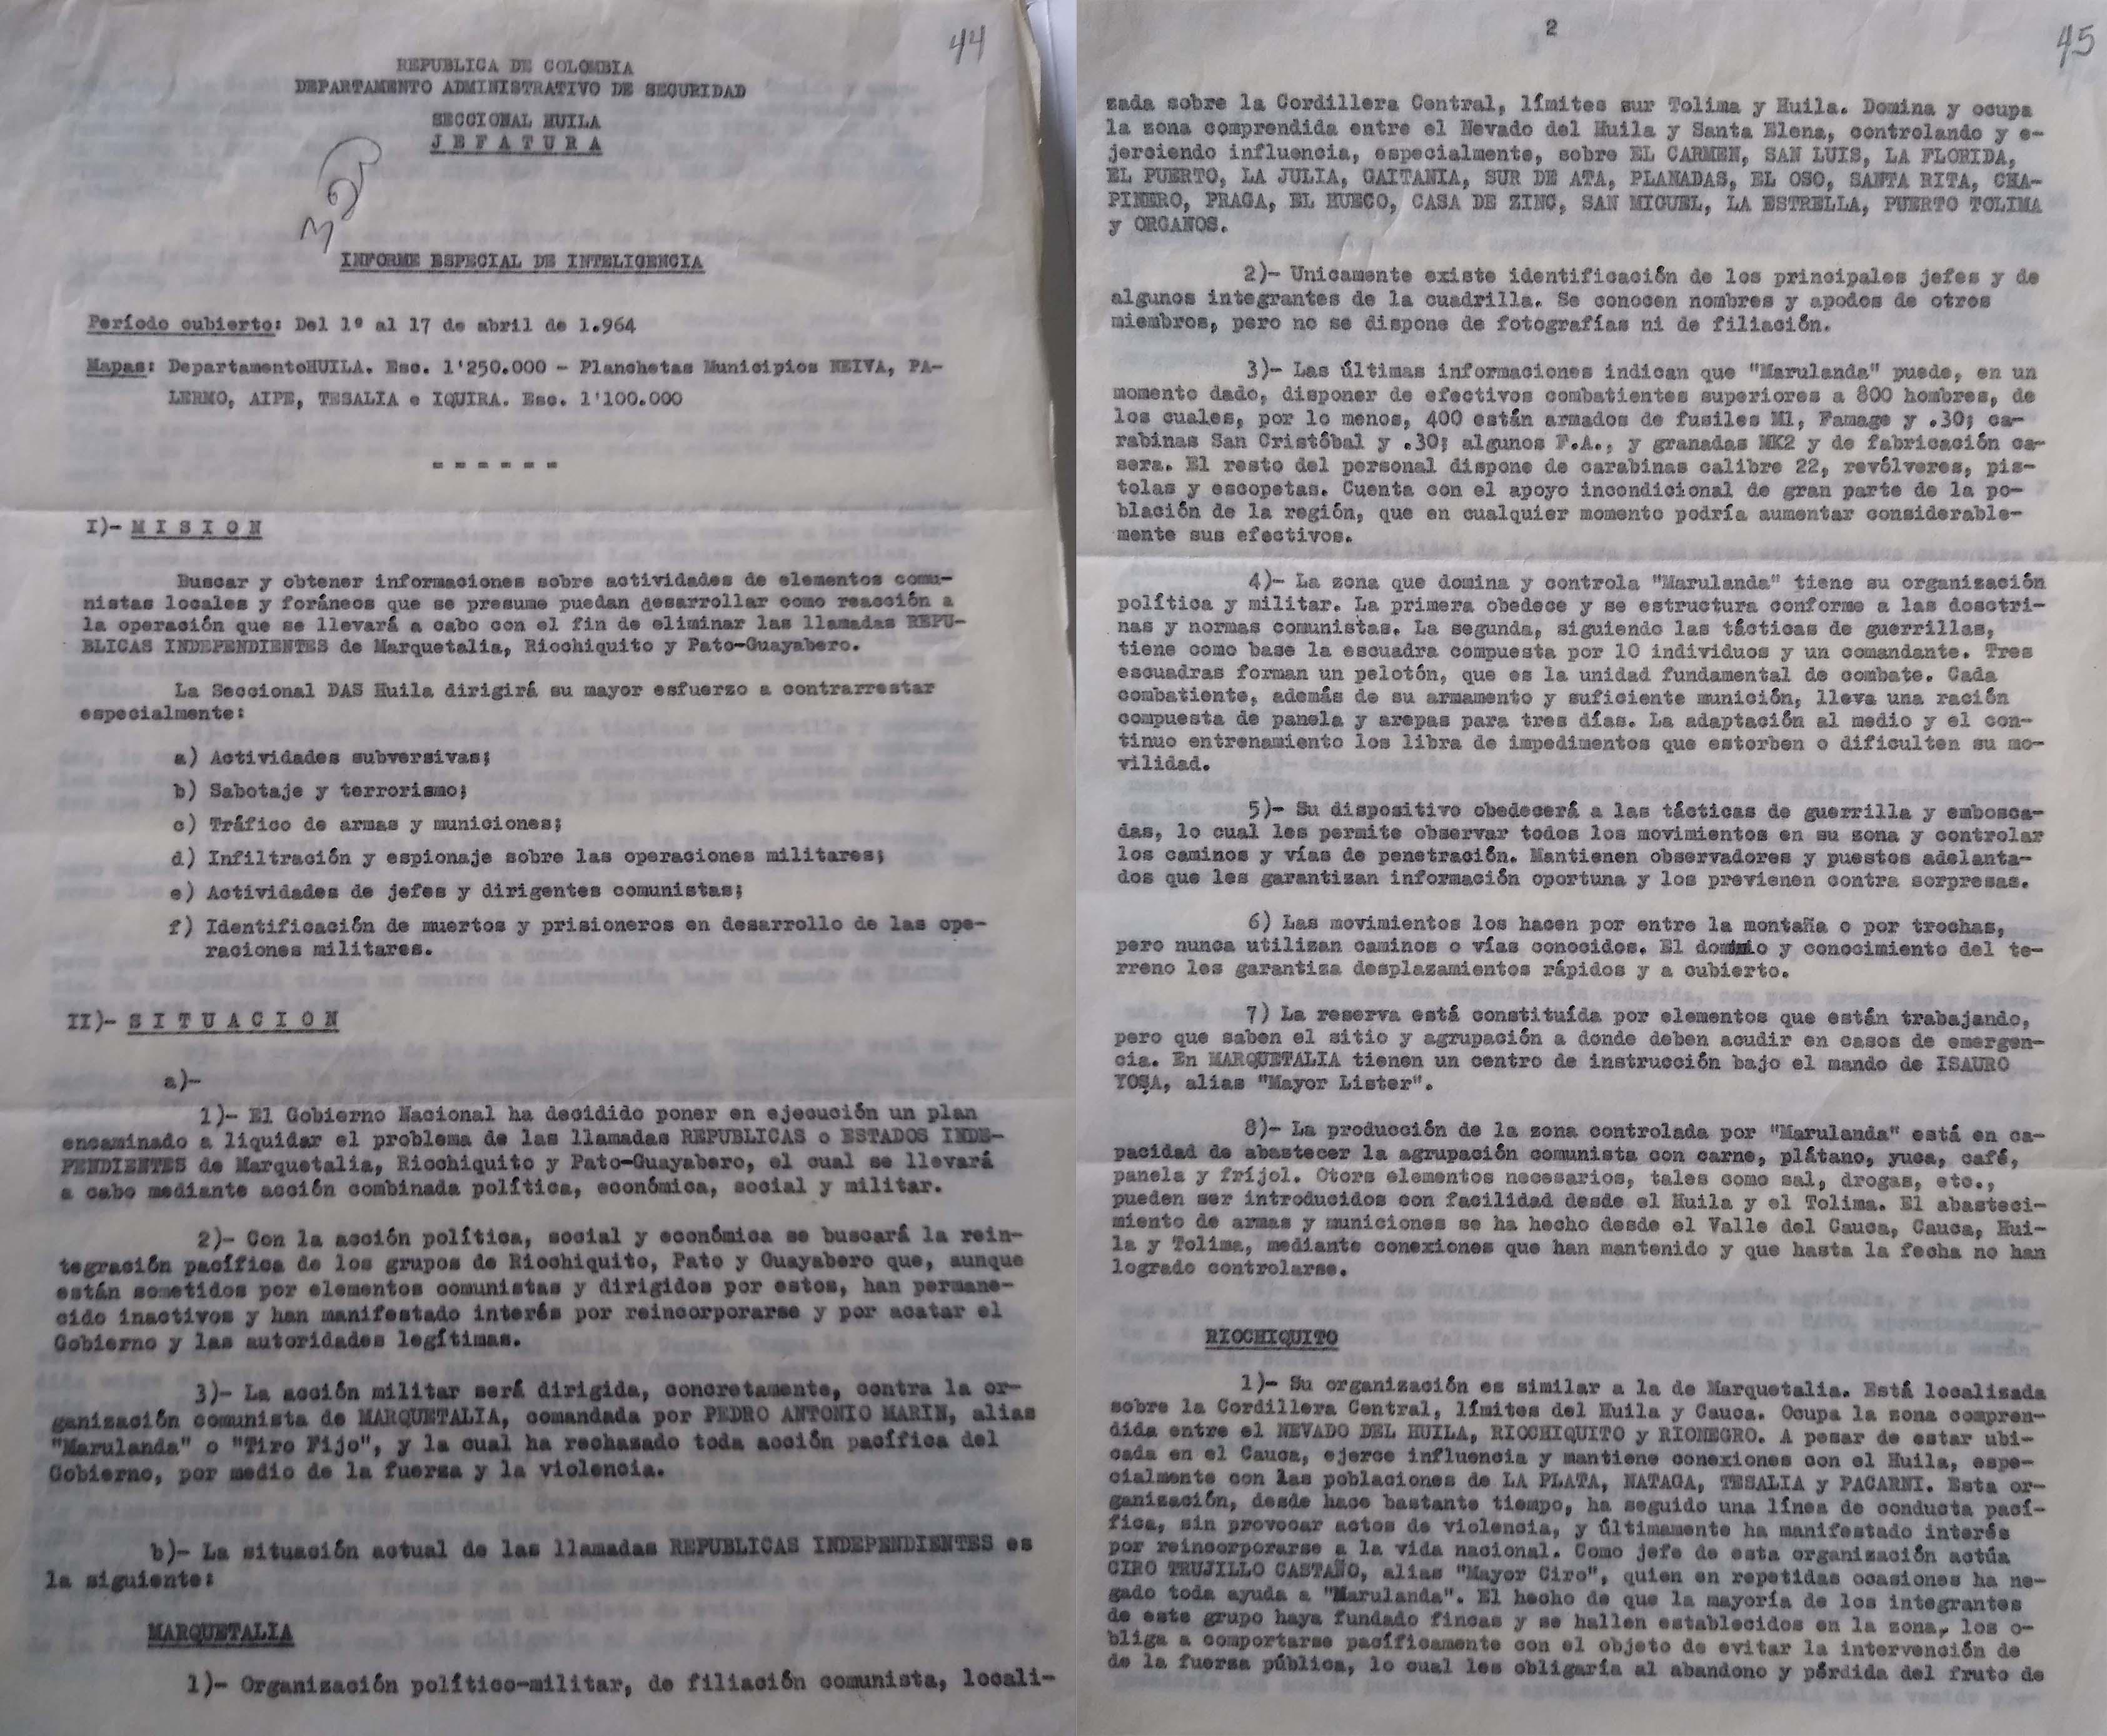 Informe de inteligencia del DAS al Gobierno sobre Marquetalia